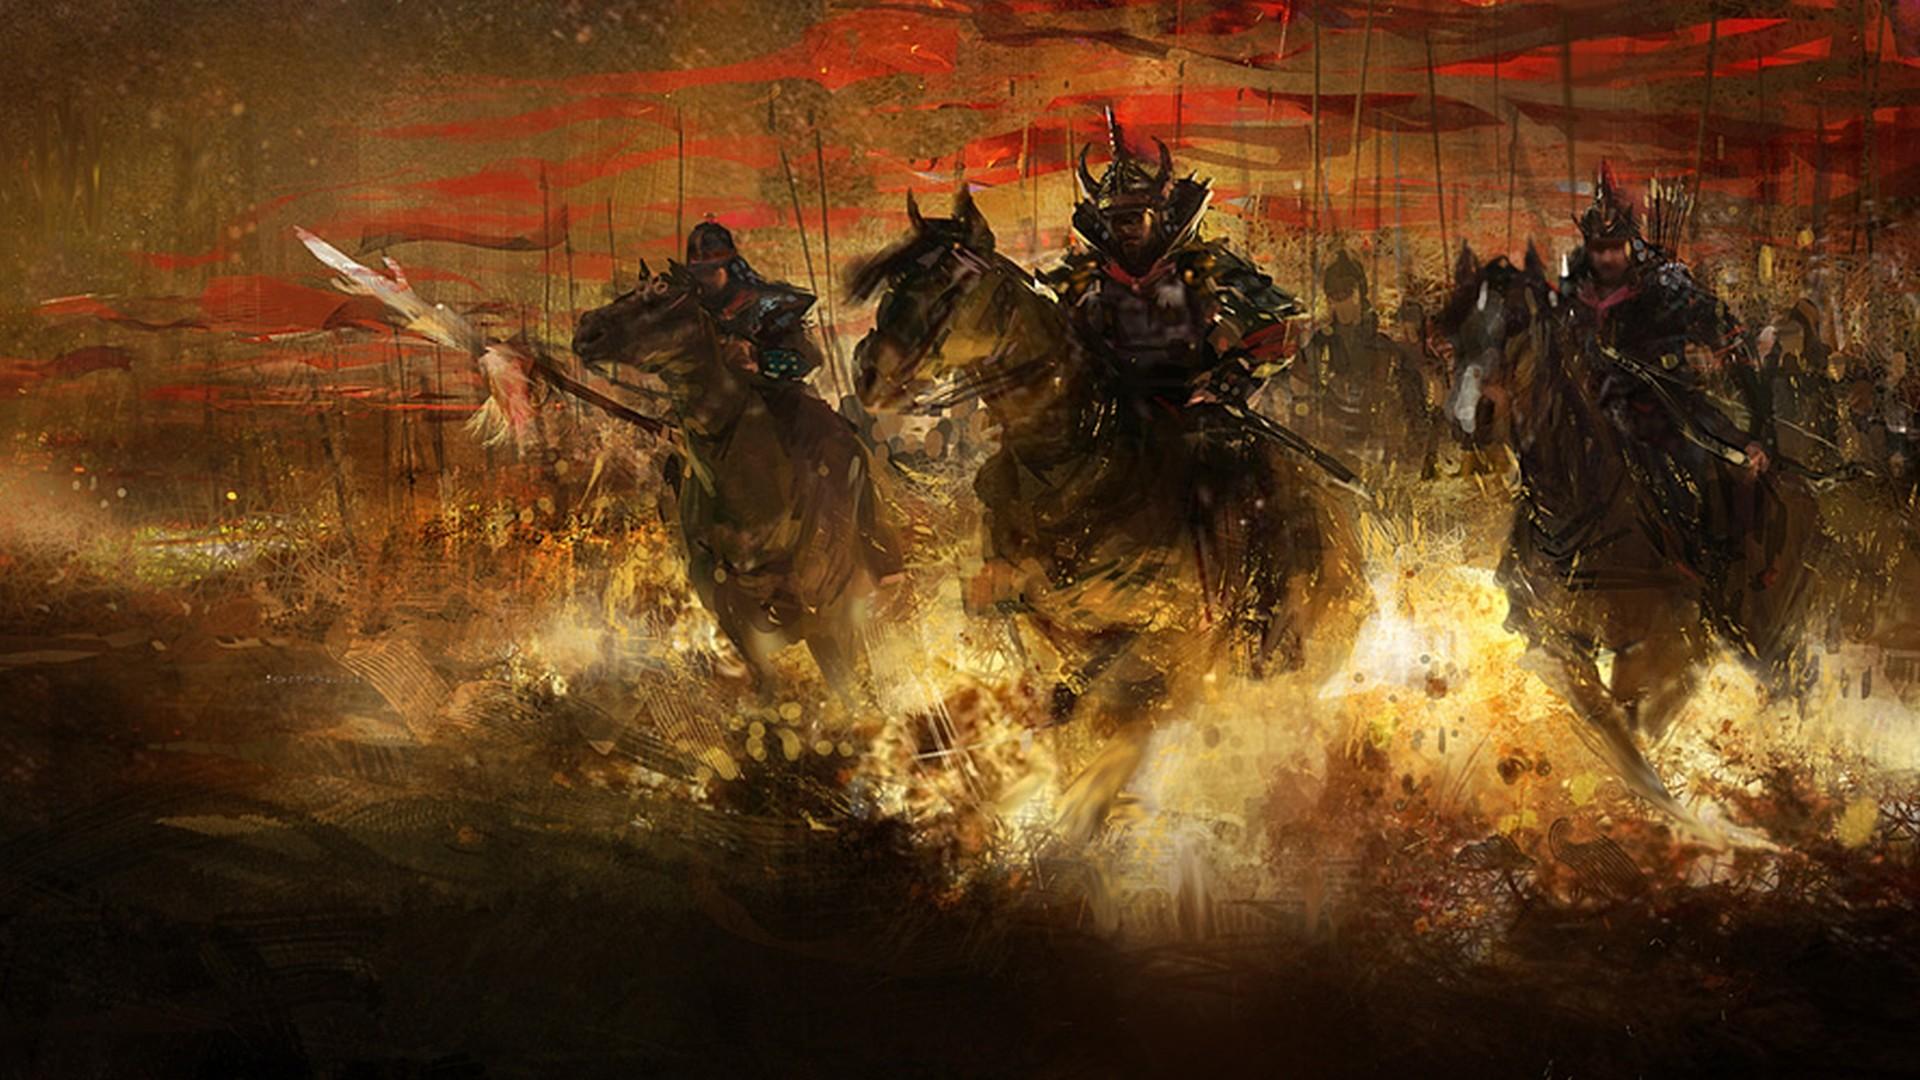 Samurai wallpaper 1920x1080 75 images - Battlefield screensaver ...